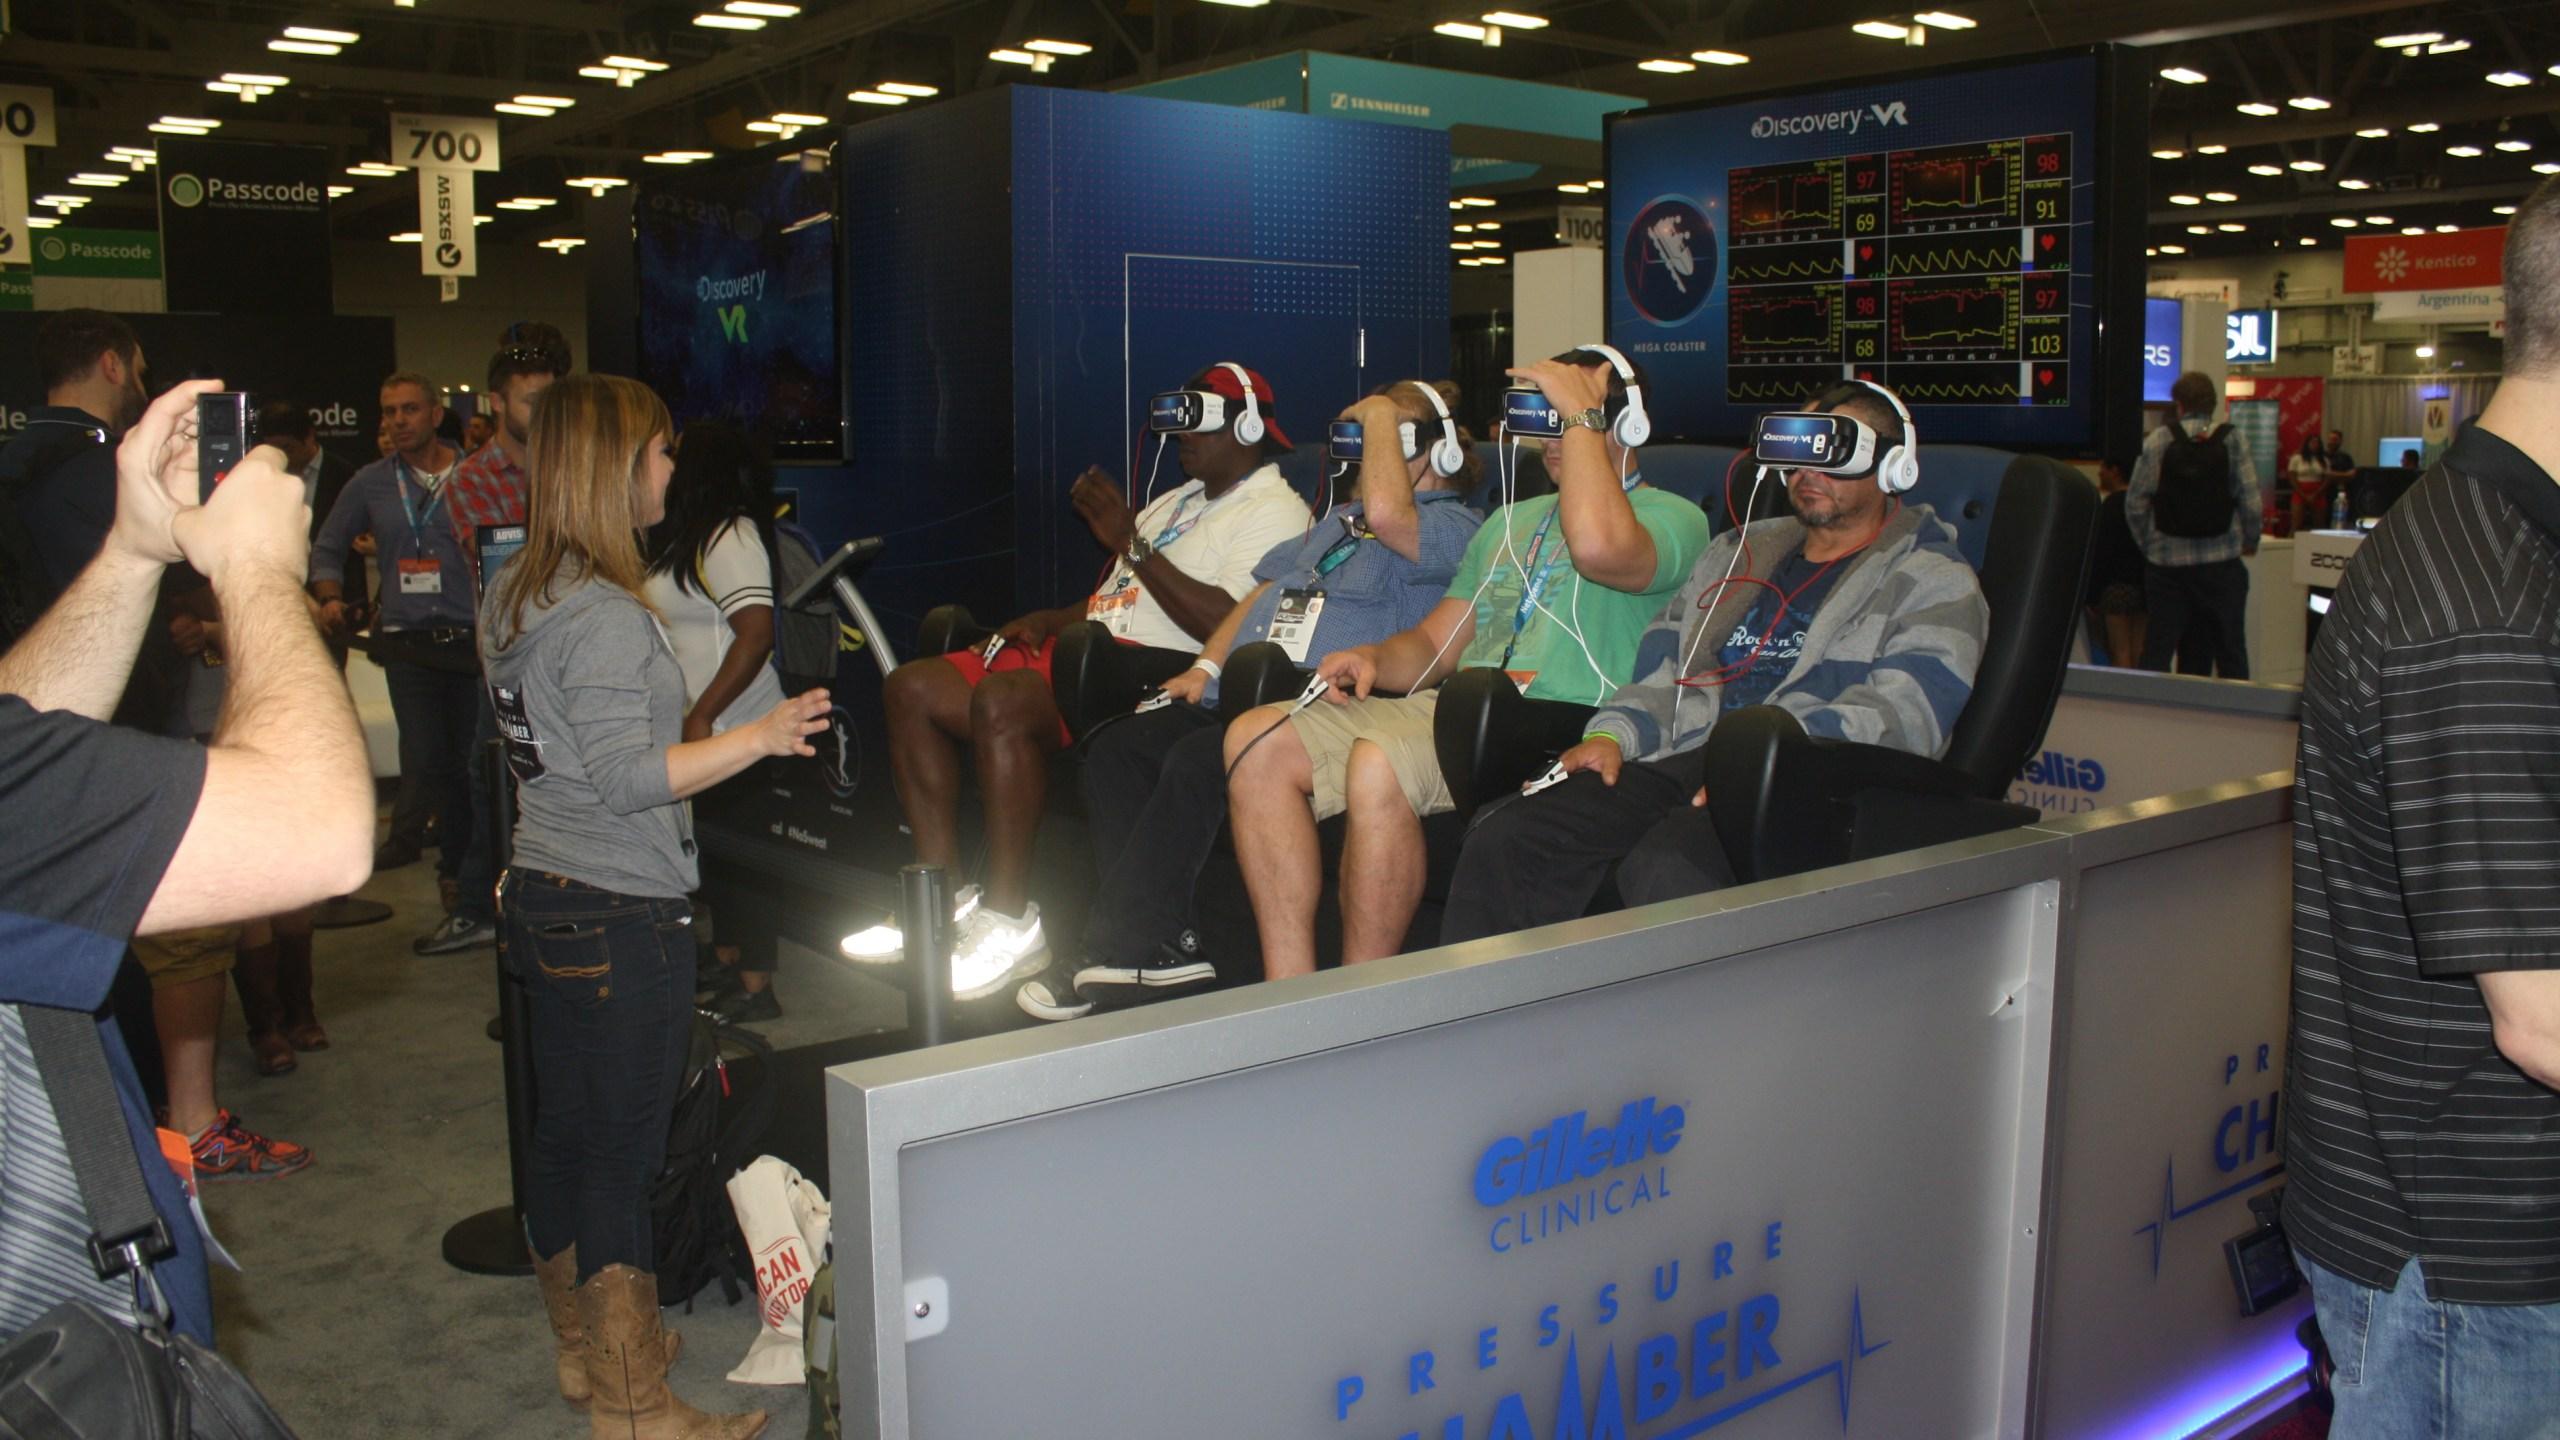 SXSW tradeshow_257292